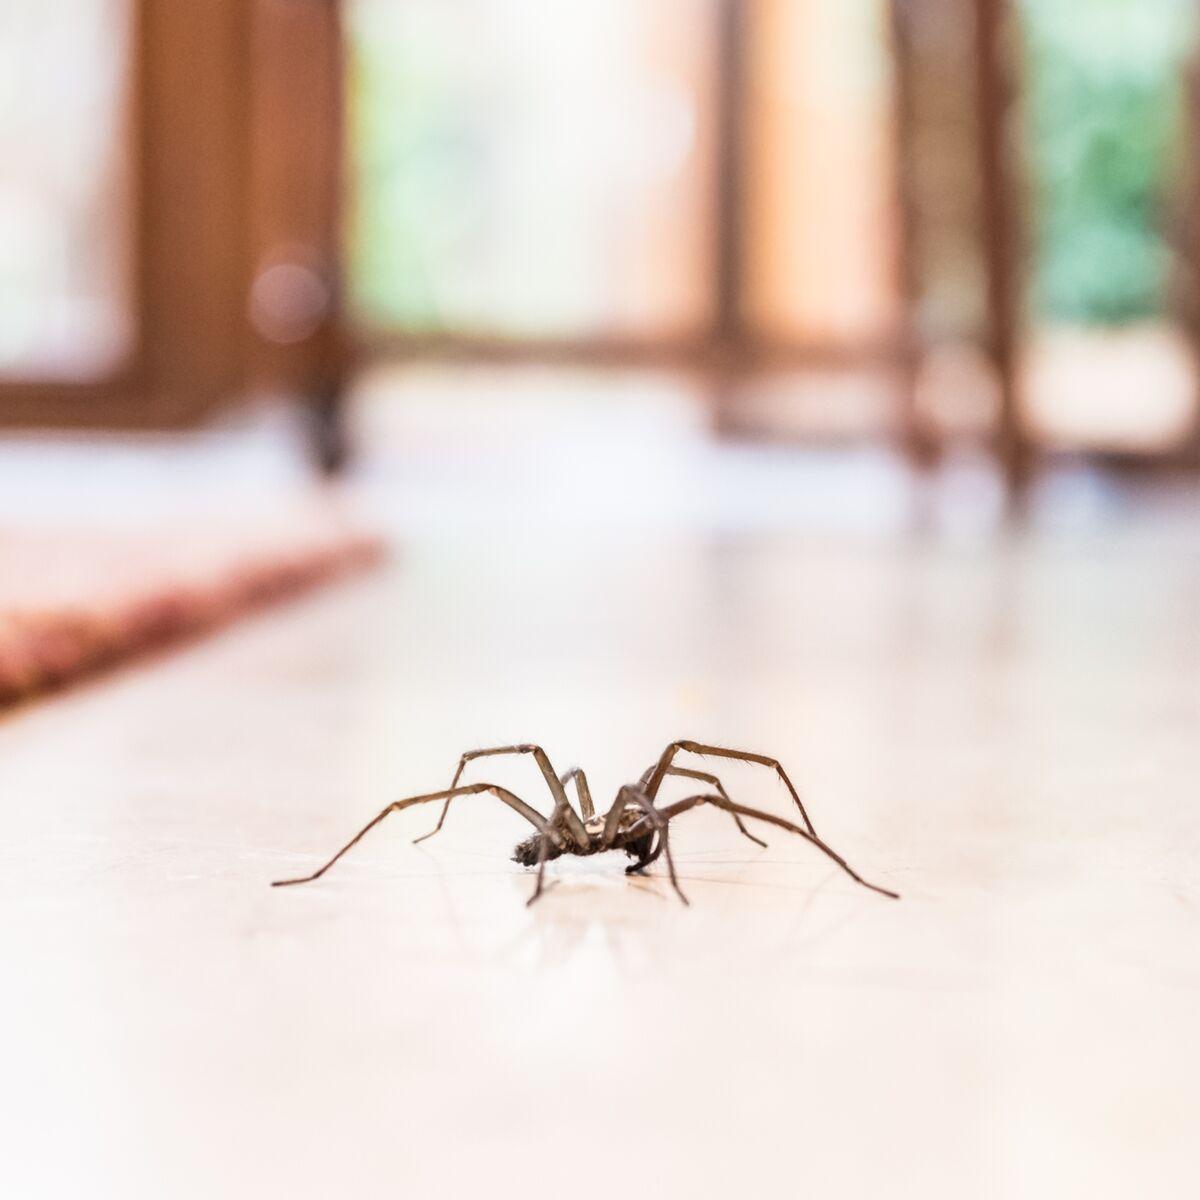 Comment Se Débarrasser De Moucherons Naturellement araignées, mouches, mites, souris, cafards, termites : 3